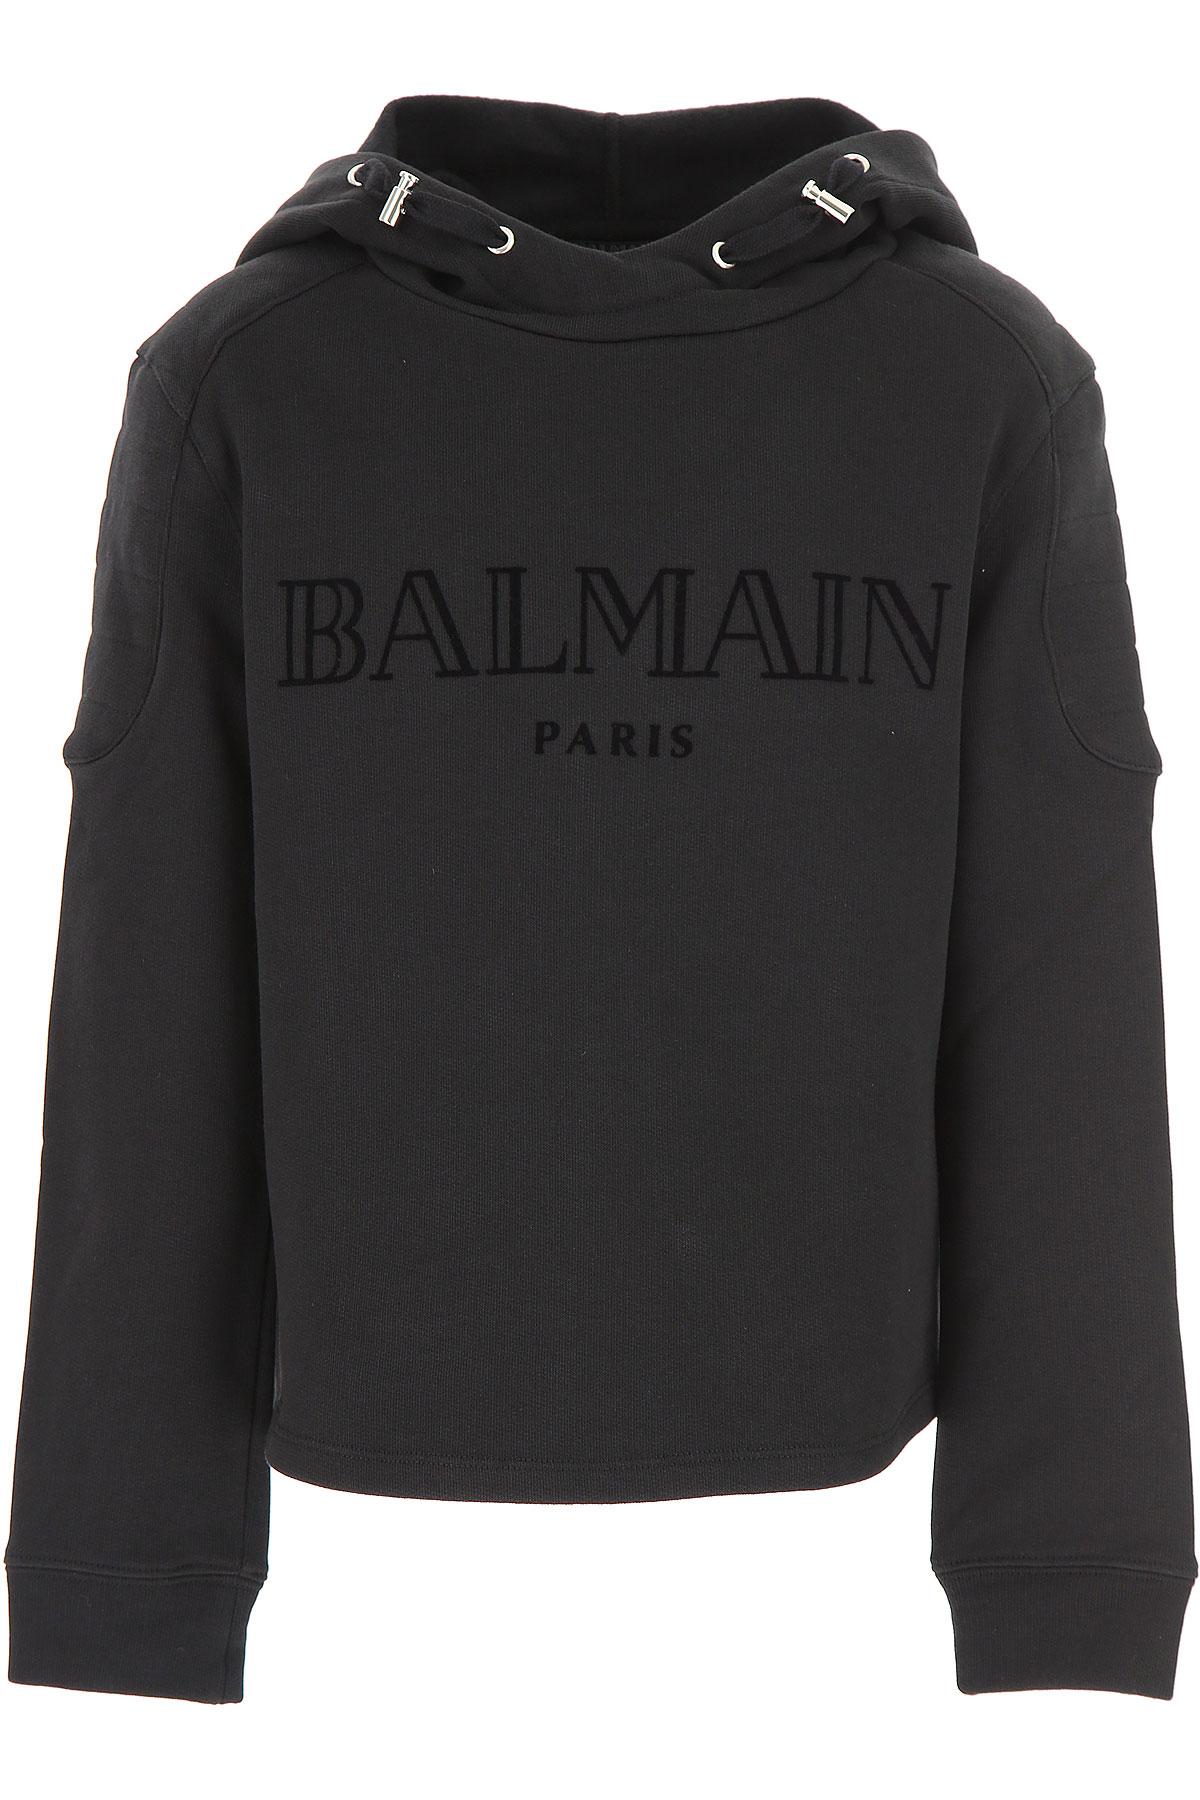 Image of Balmain Kids Sweatshirts & Hoodies for Boys, Black, Cotton, 2017, 10Y 14Y 8Y